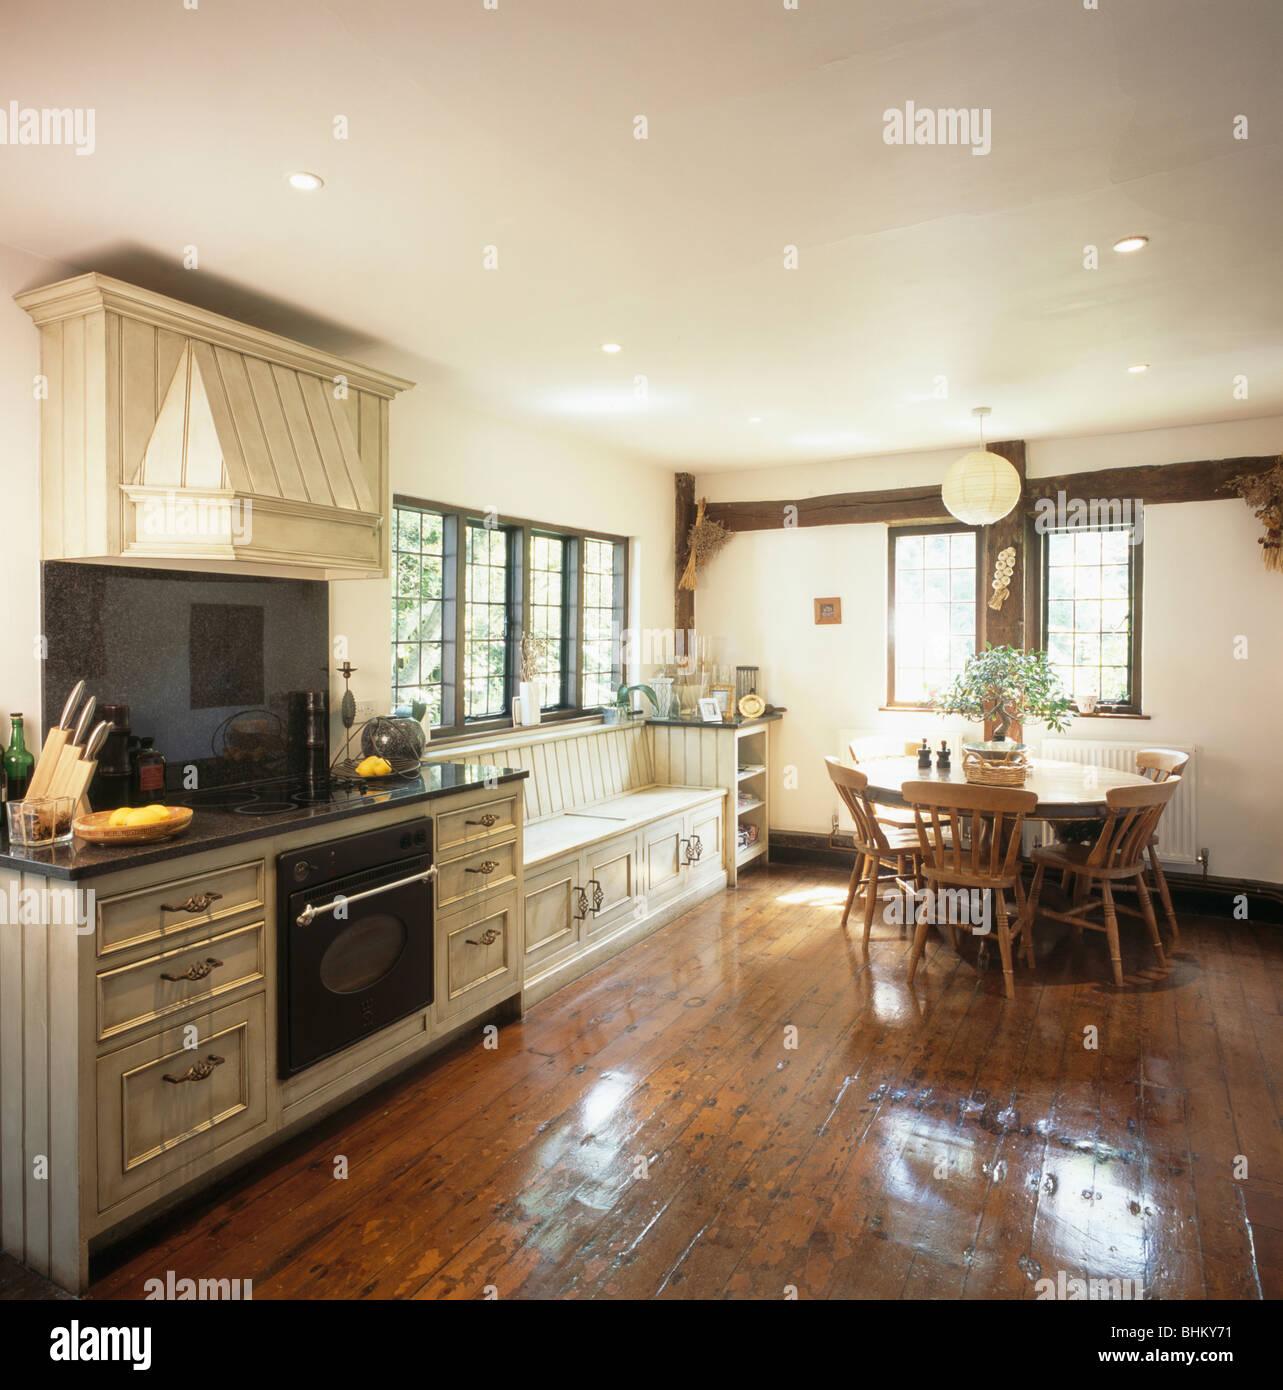 Polierten Holzdielen und Holztisch und Stühle im Landhaus-Küche mit ...